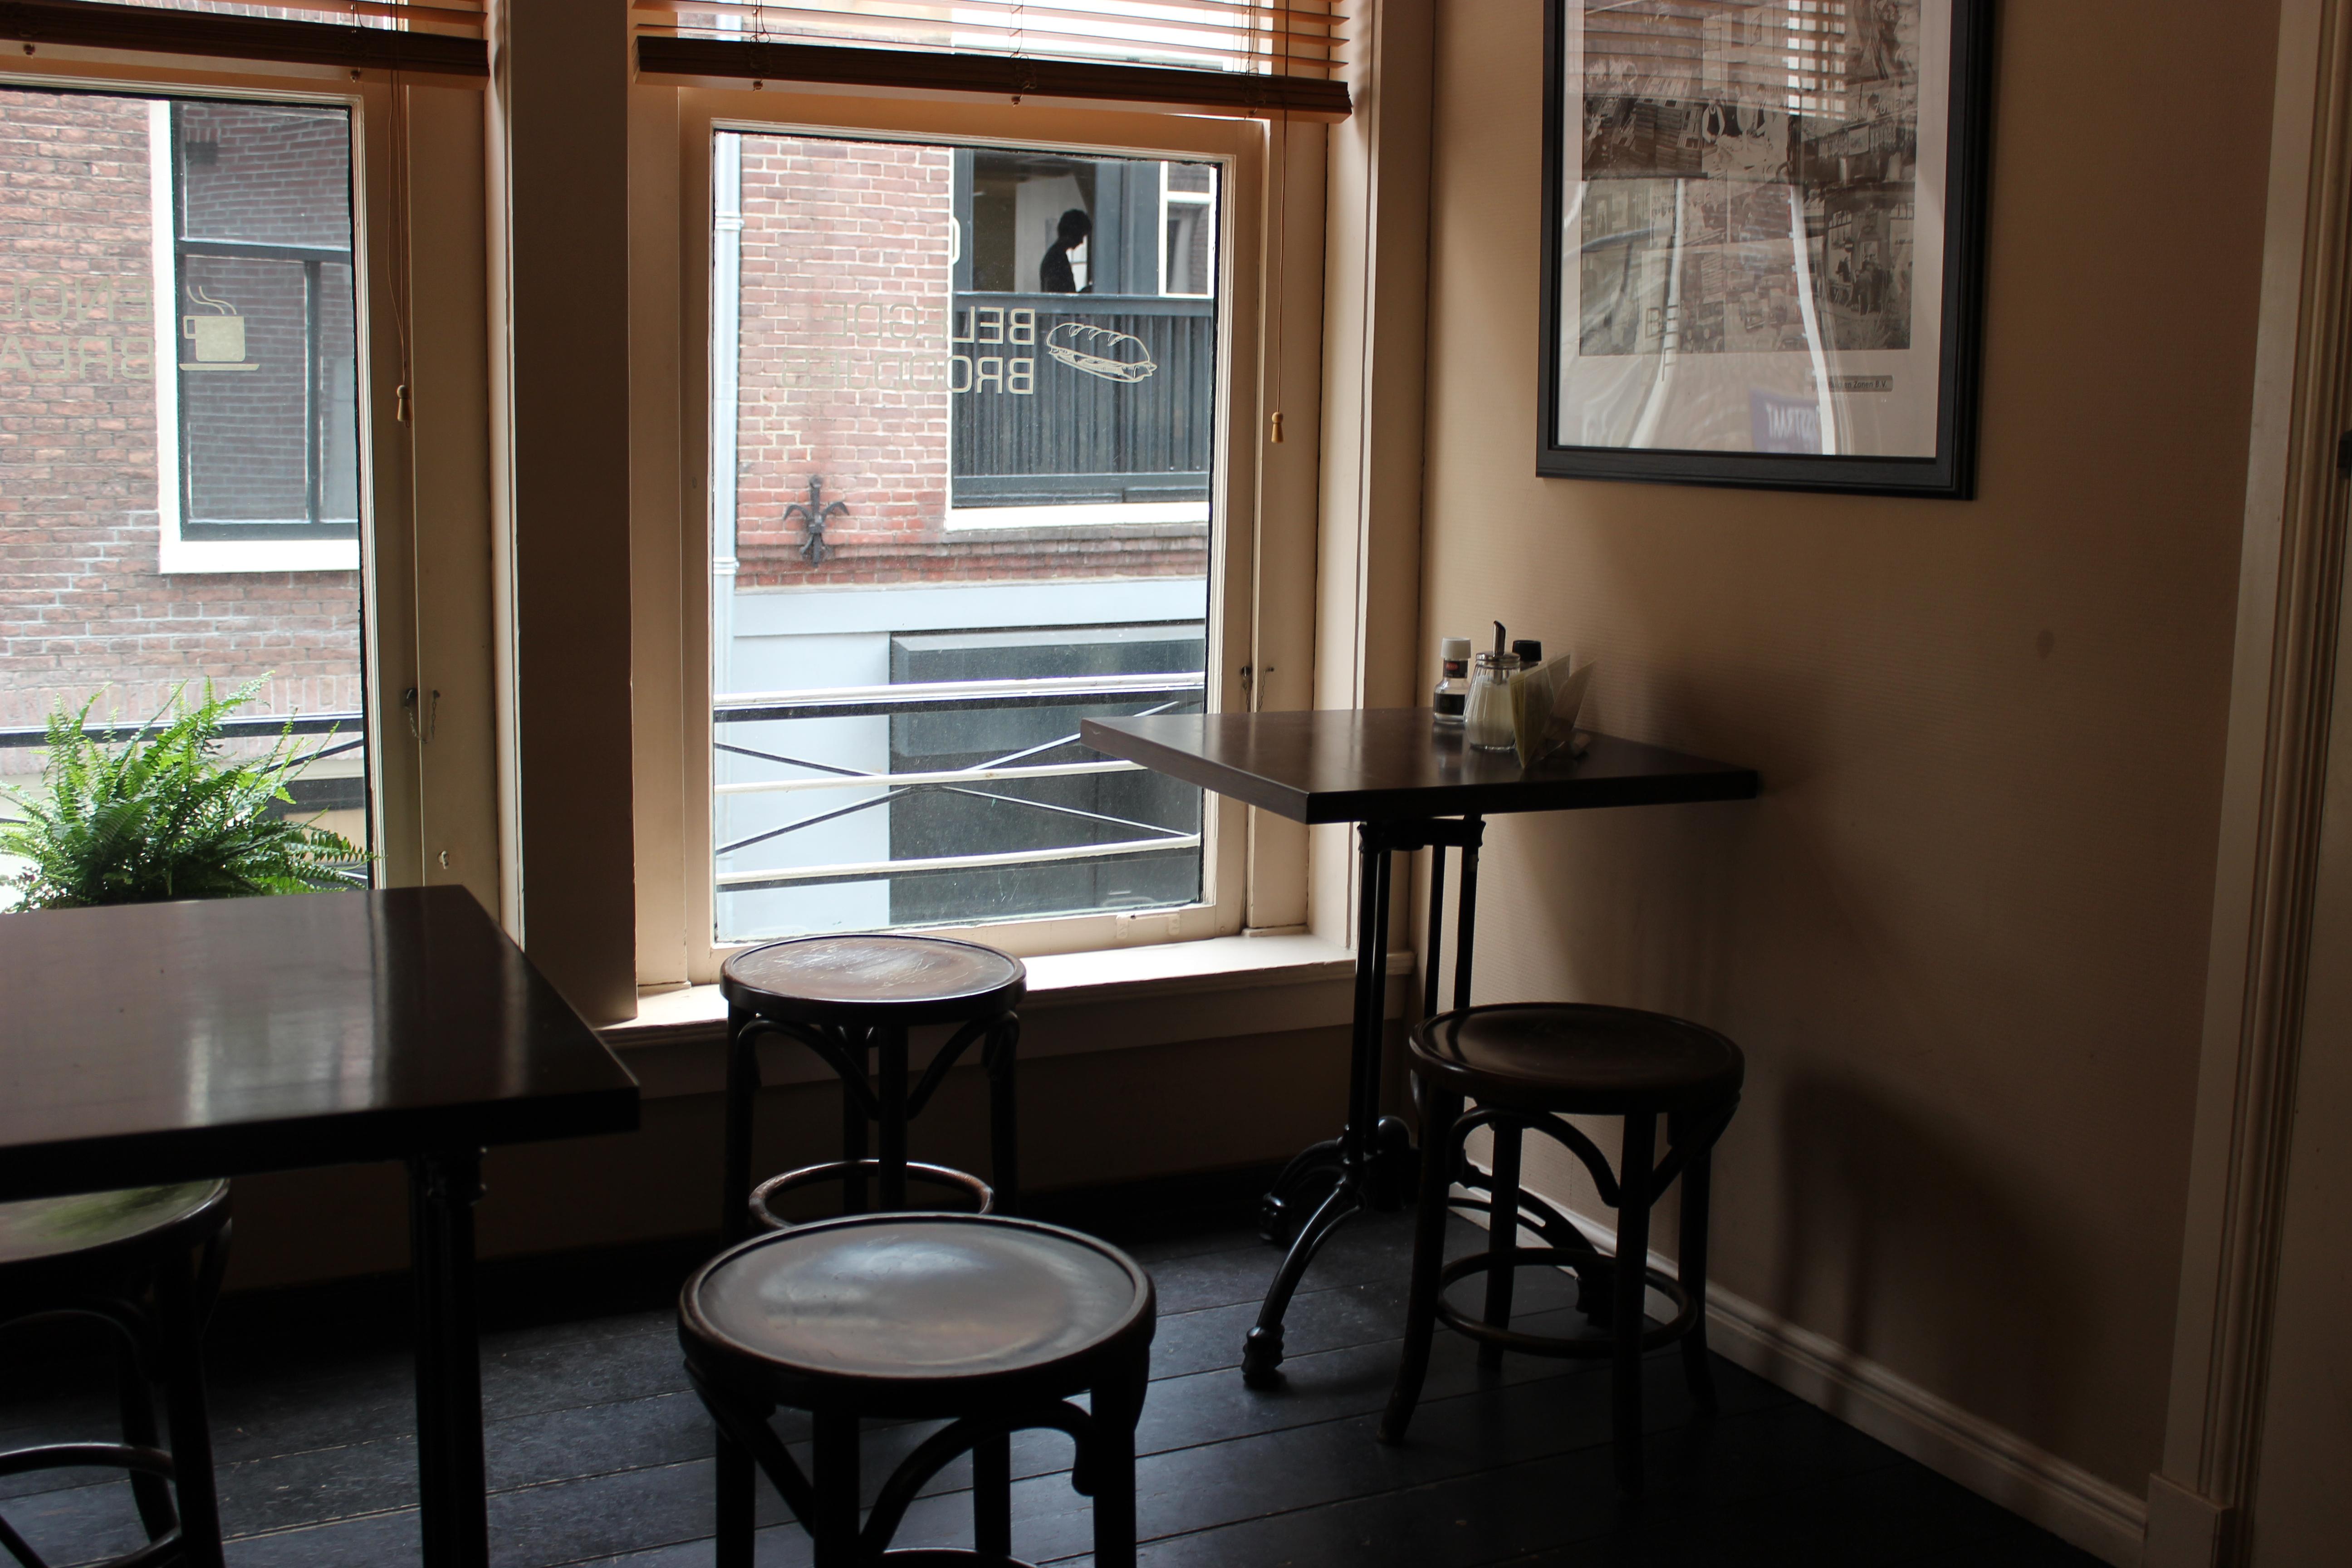 무료 이미지 : 표, 카페, 식물, 바닥, 발판, 창문, 시골집, 틀 ...